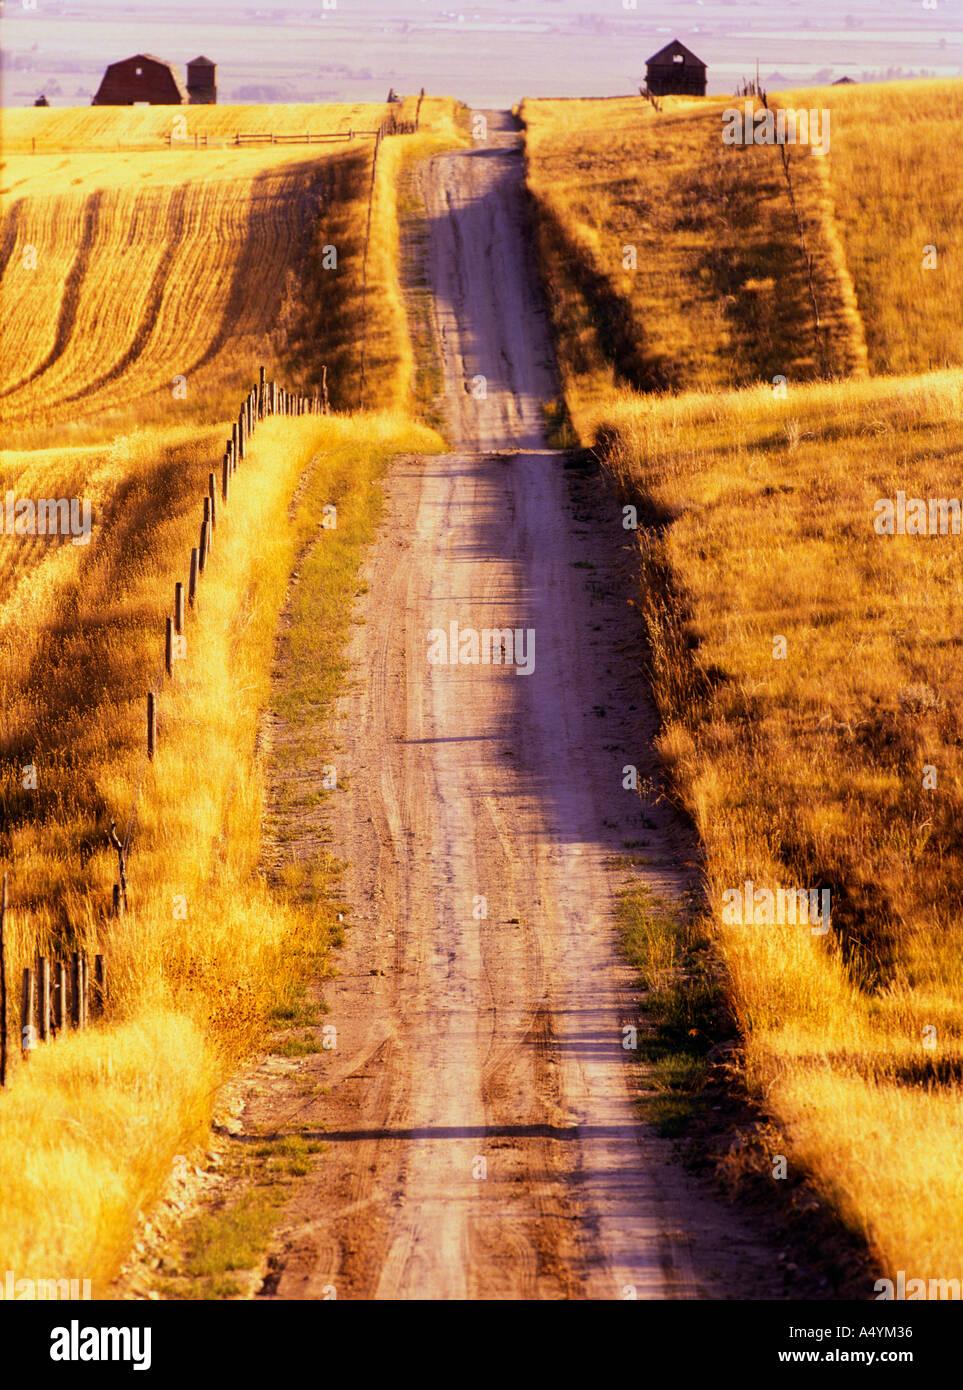 Ausgefahrene Piste durch geernteten Weizen Stoppeln Felder im Spätsommer in der Gallatin Valley Montana USA Stockbild